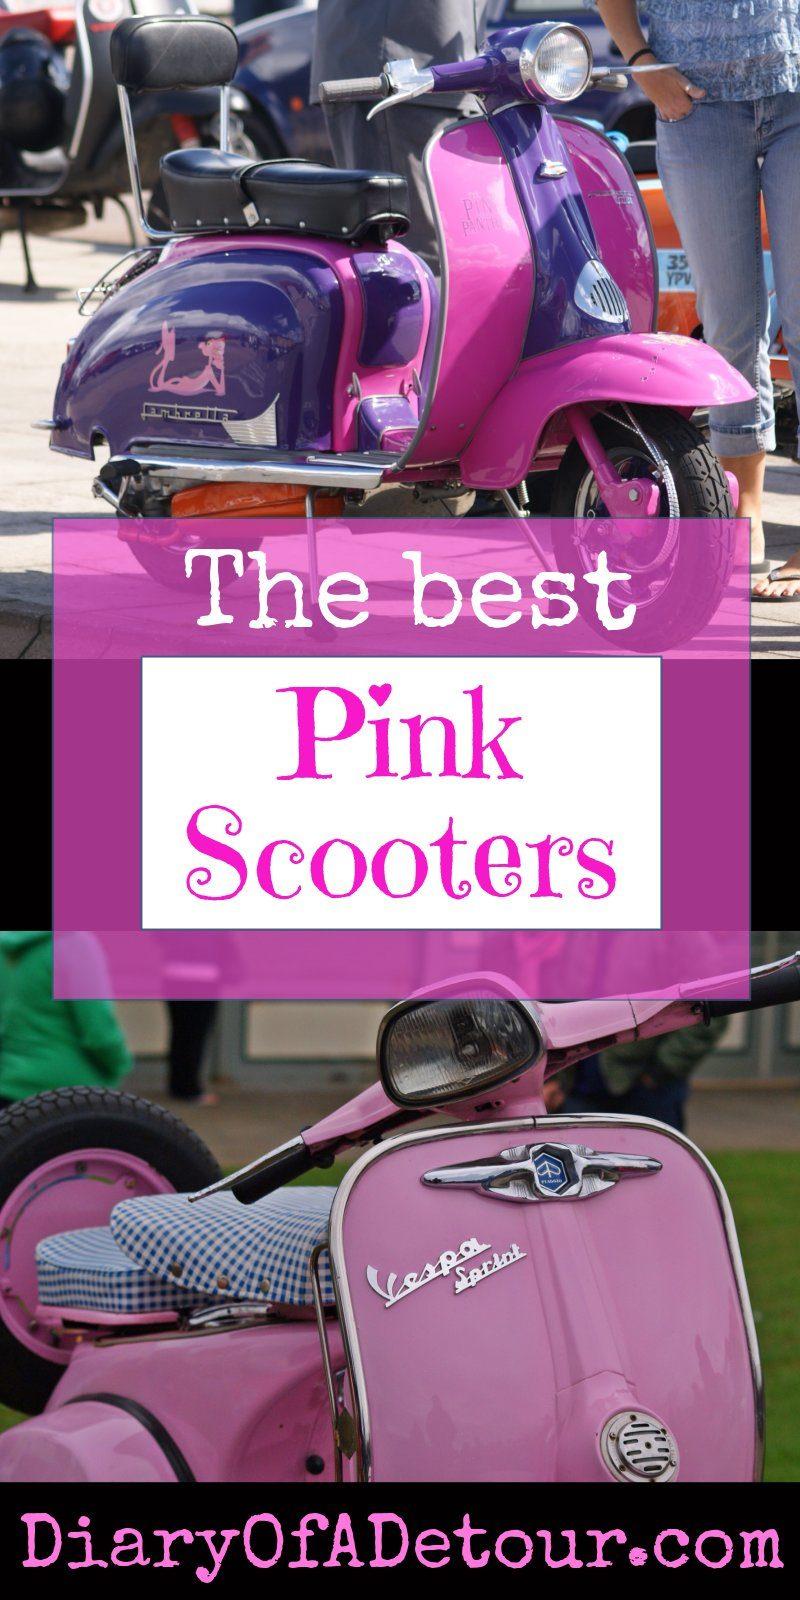 Pink Lambrettas and Vespas